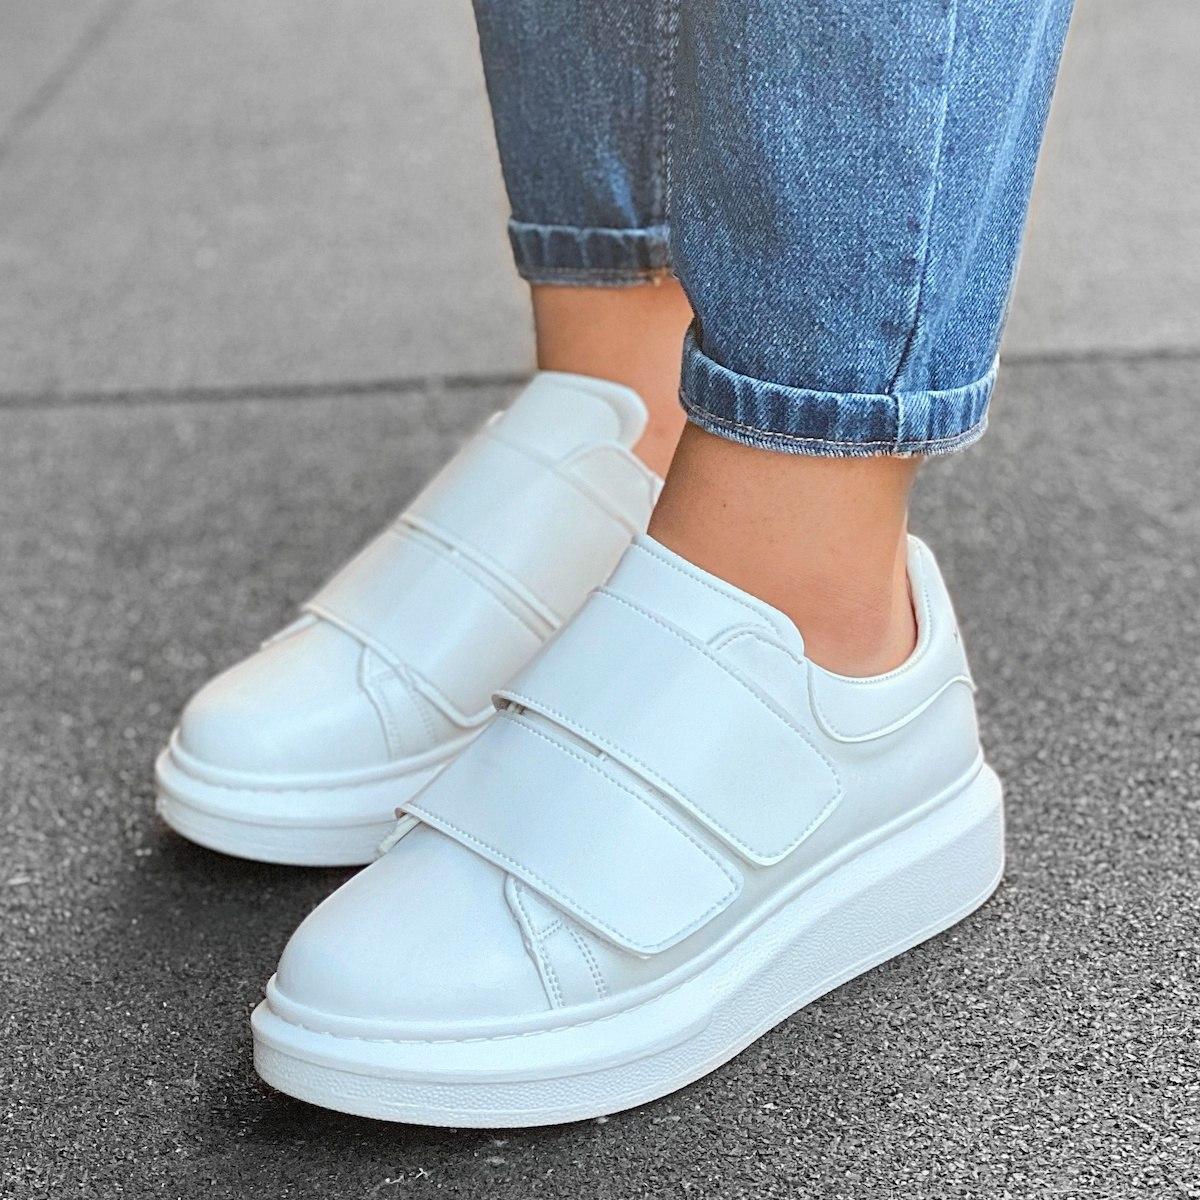 Martin Valen Women's Double Velcro Sneakers Full White